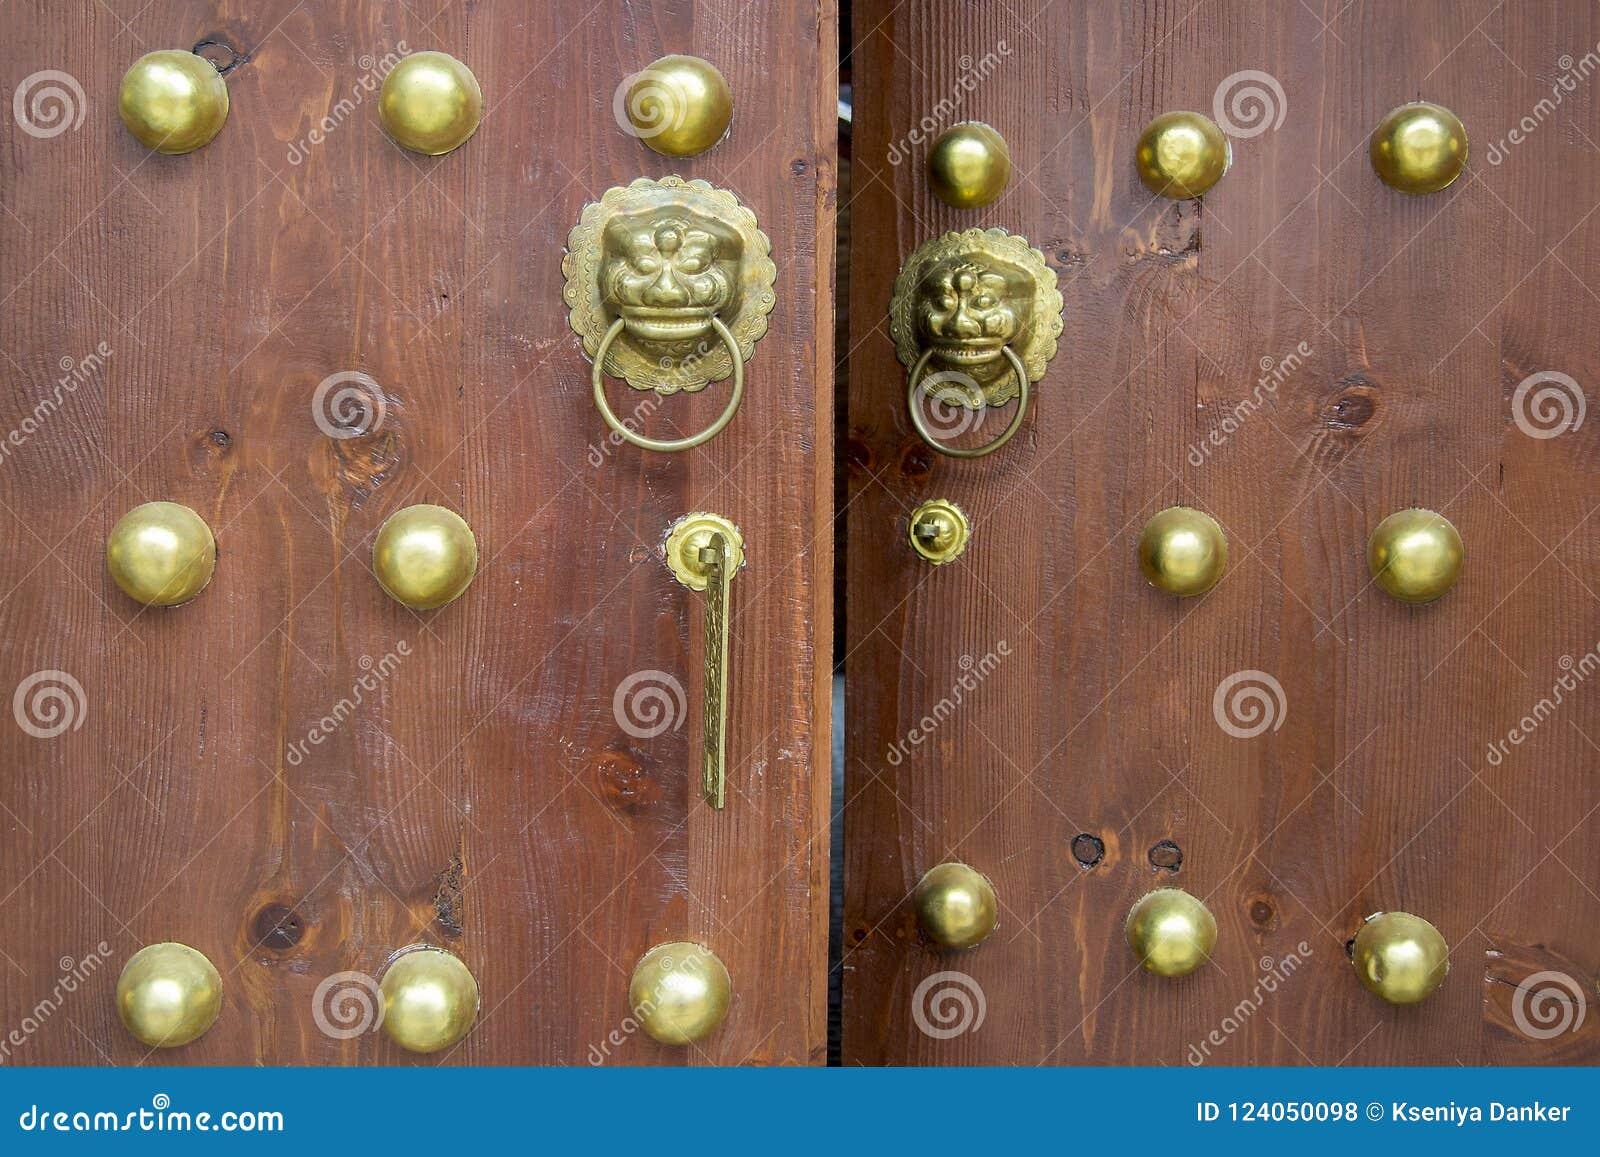 Wooden door in oriental style